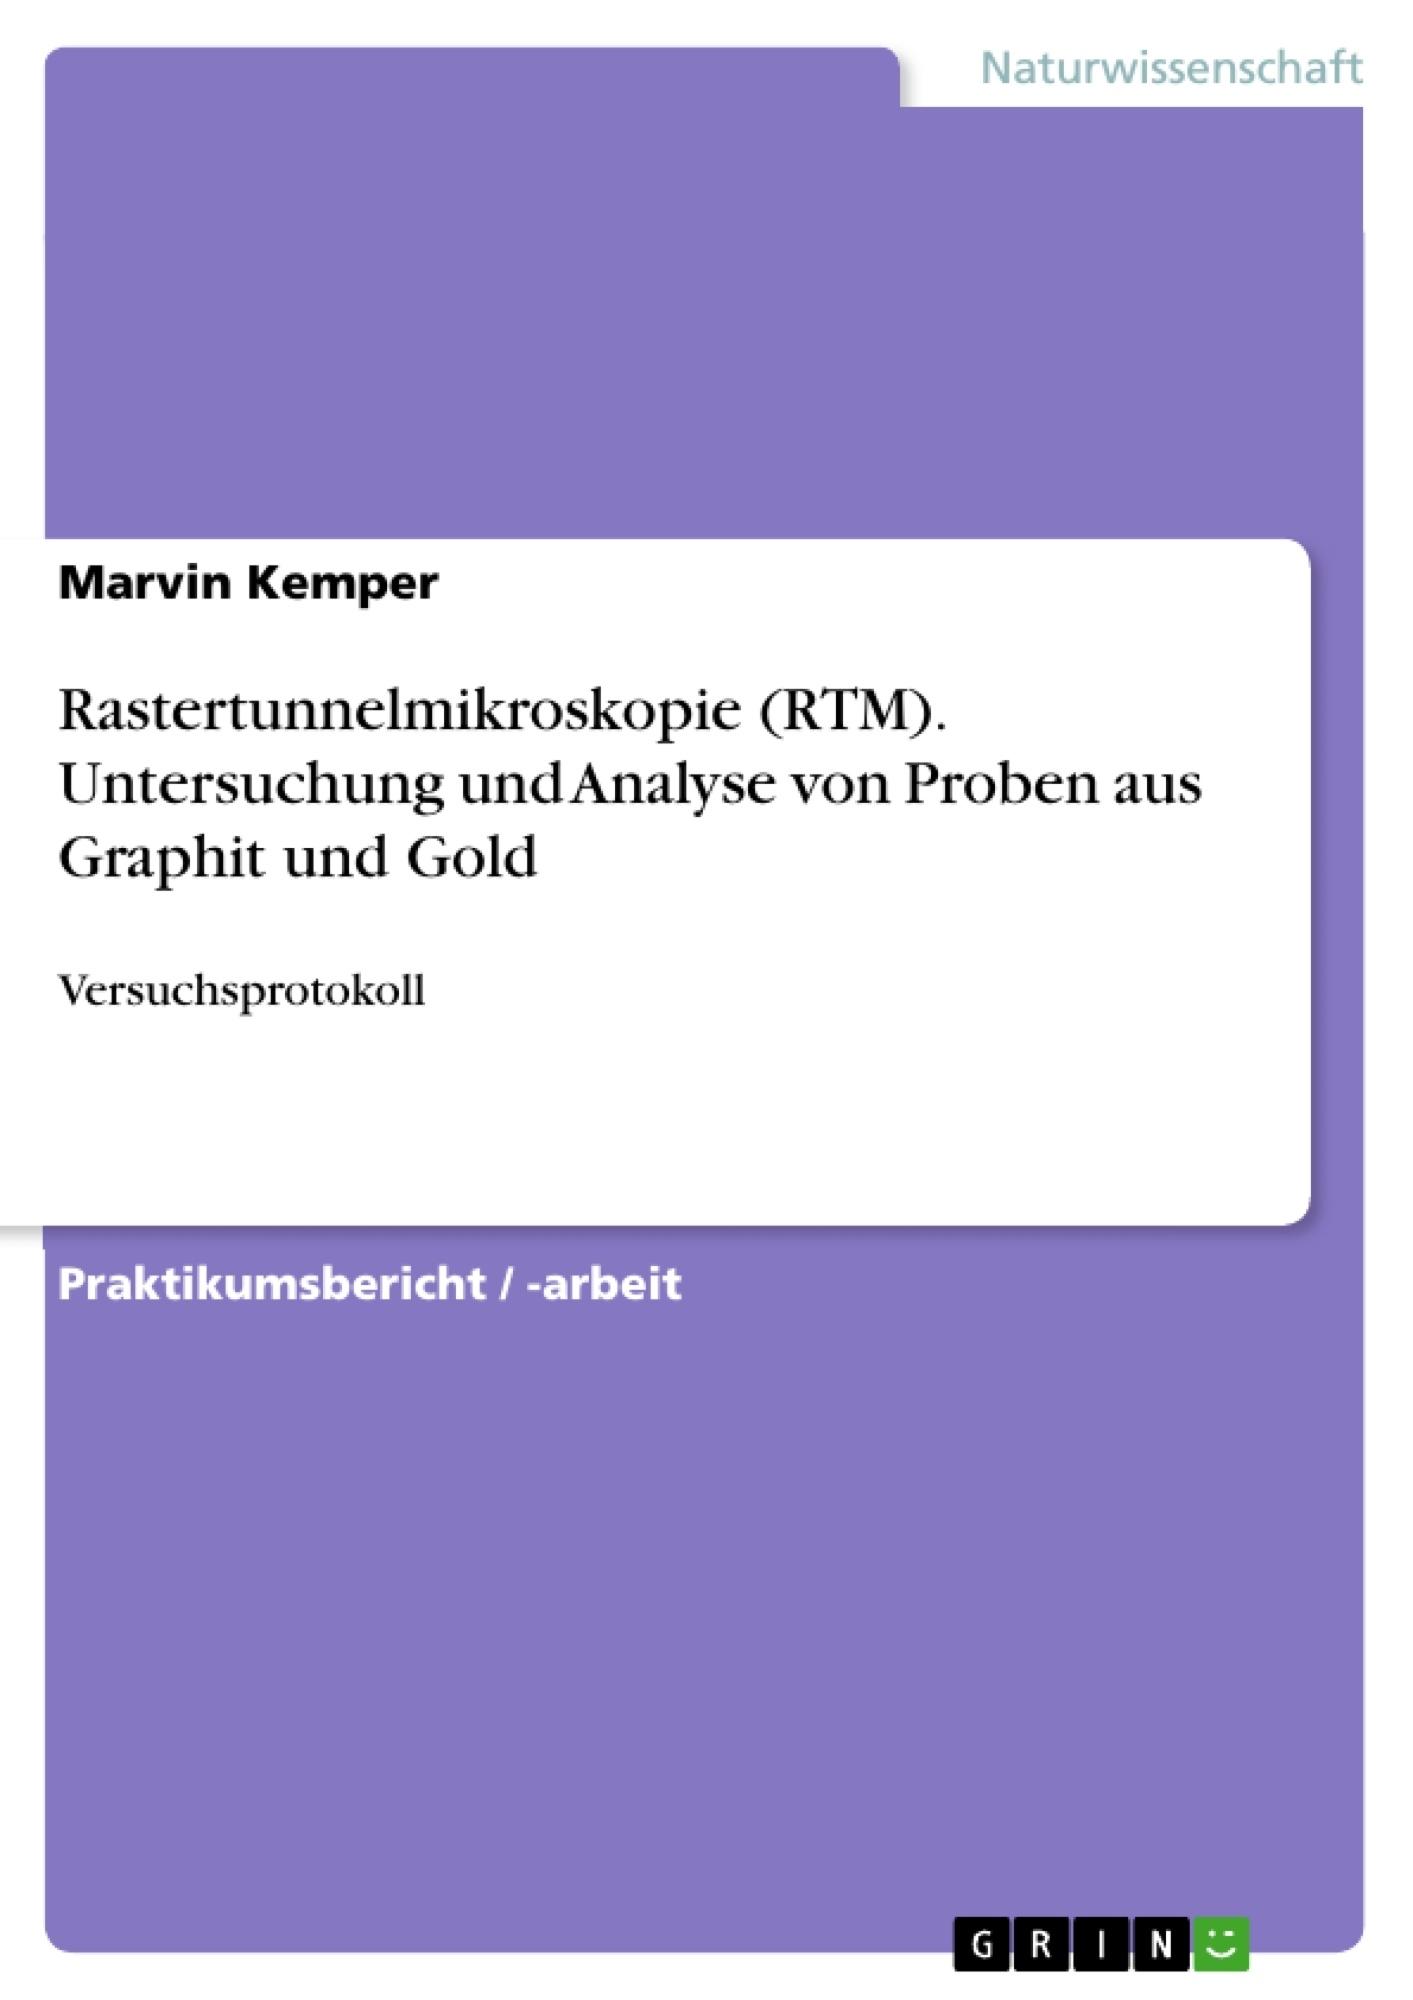 Titel: Rastertunnelmikroskopie (RTM). Untersuchung und Analyse von Proben aus Graphit und Gold